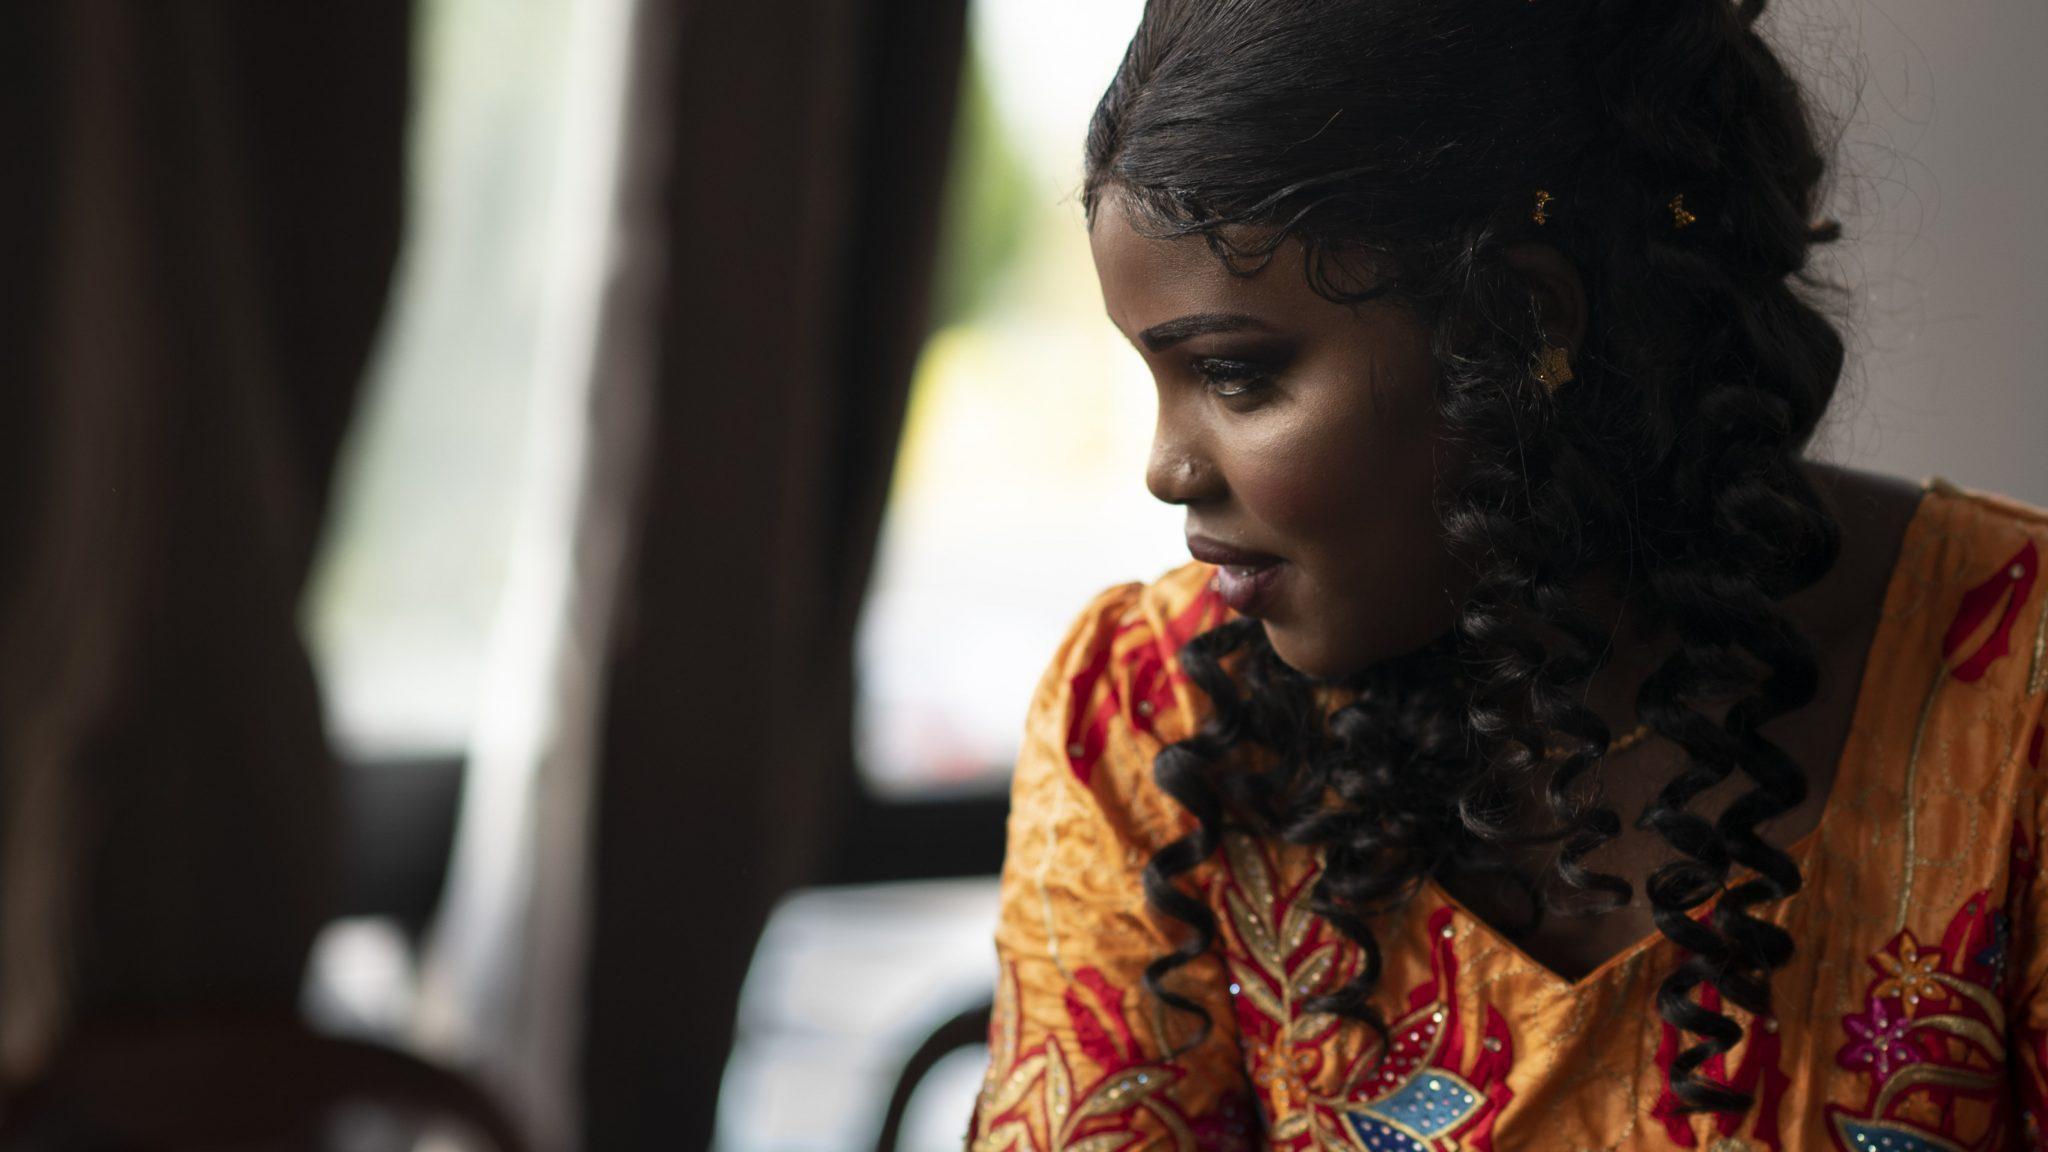 la sposa africana mentre guarda fuori dalla finestra